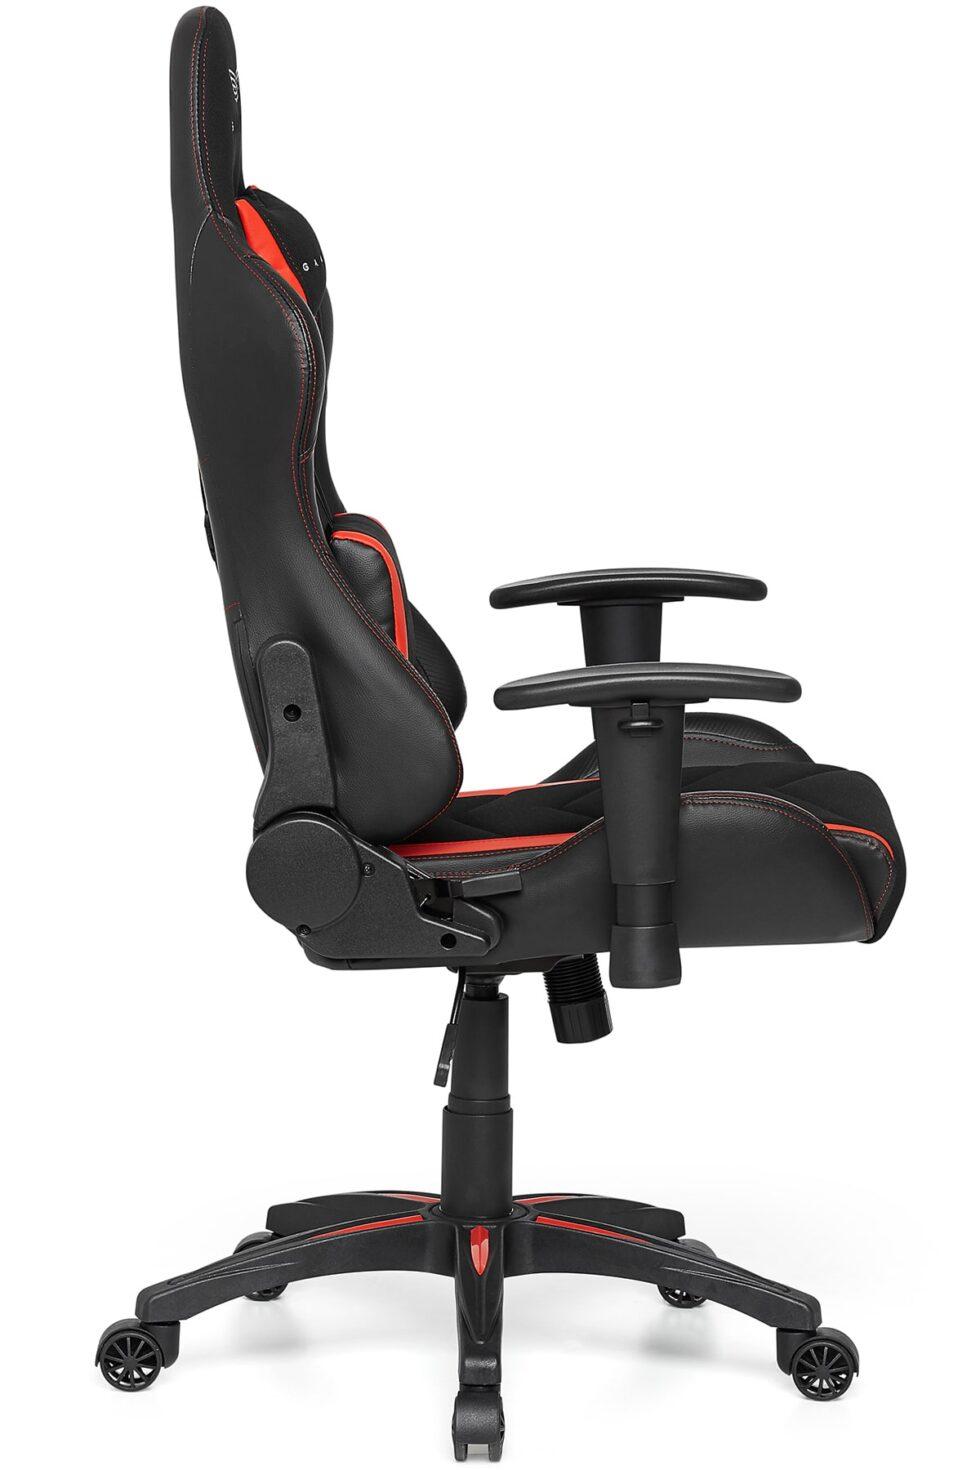 Materiałowy Fotel Gamingowy Gamvis EXPERT Czerwony